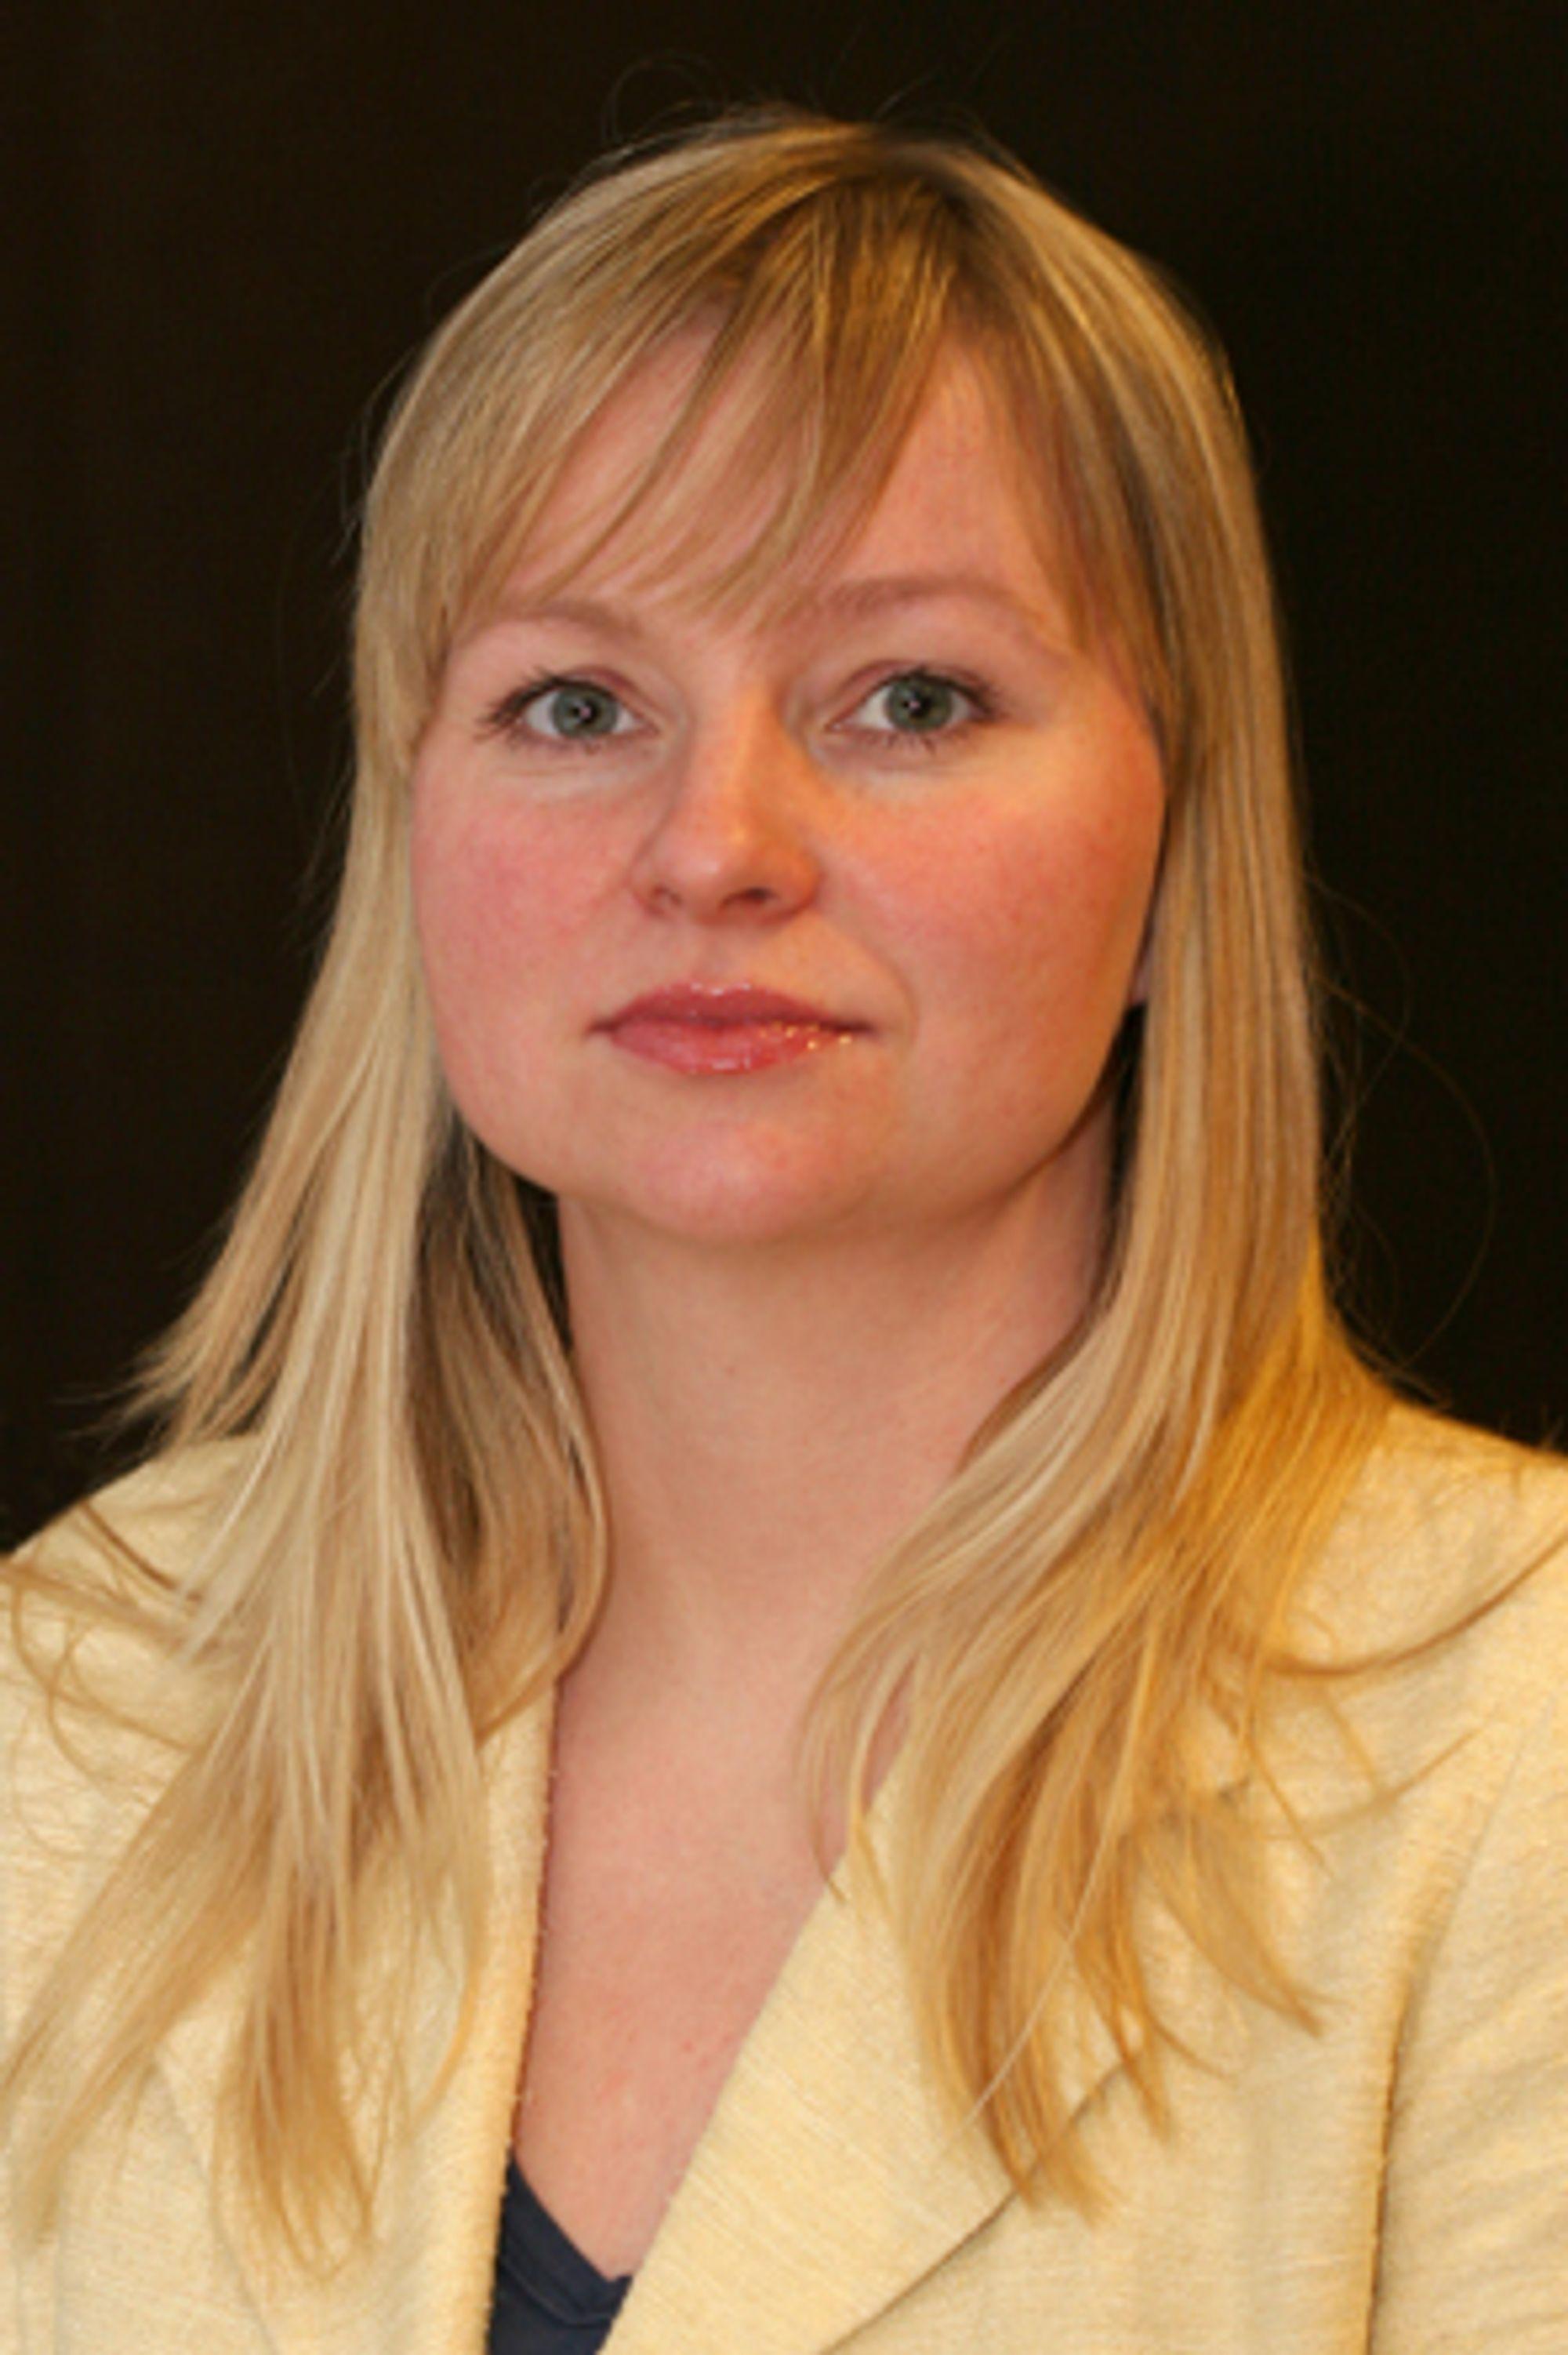 Astrid Liland, seksjonssjef ved Statens Strålevern. Utdannet kjernekjemiker ved Universitetet i Oslo.